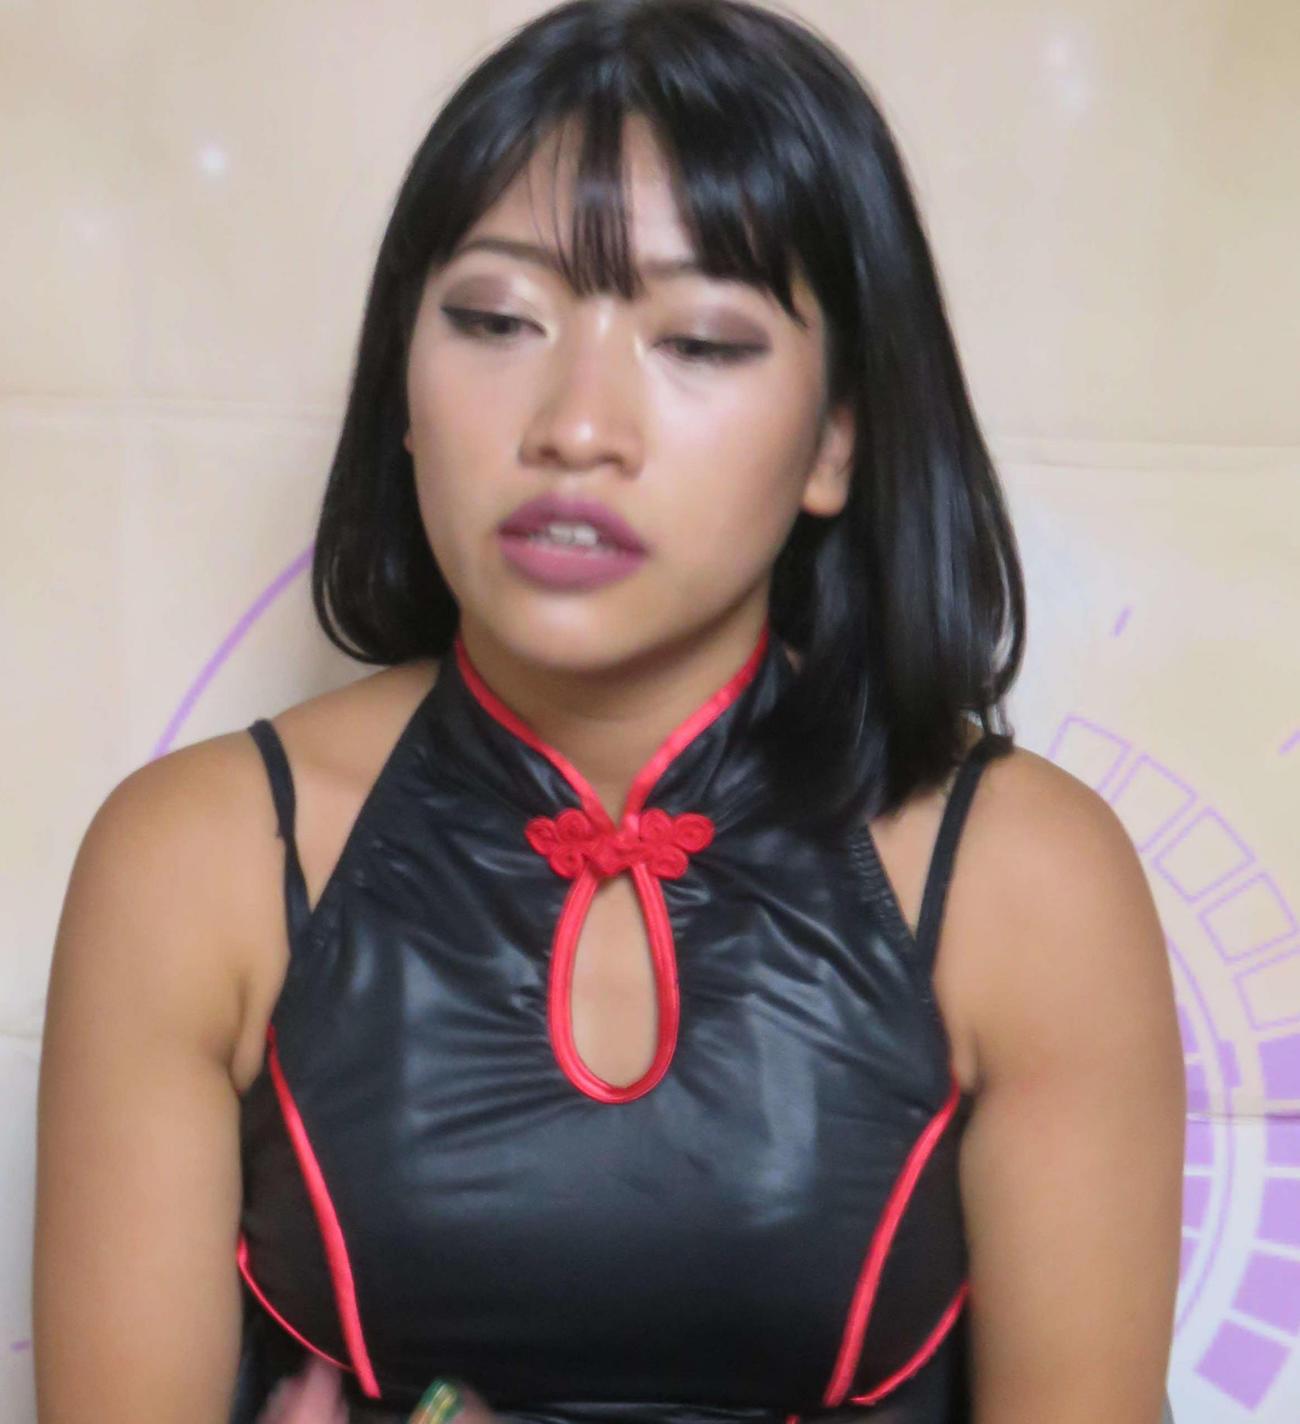 木村花さん(18年9月撮影)